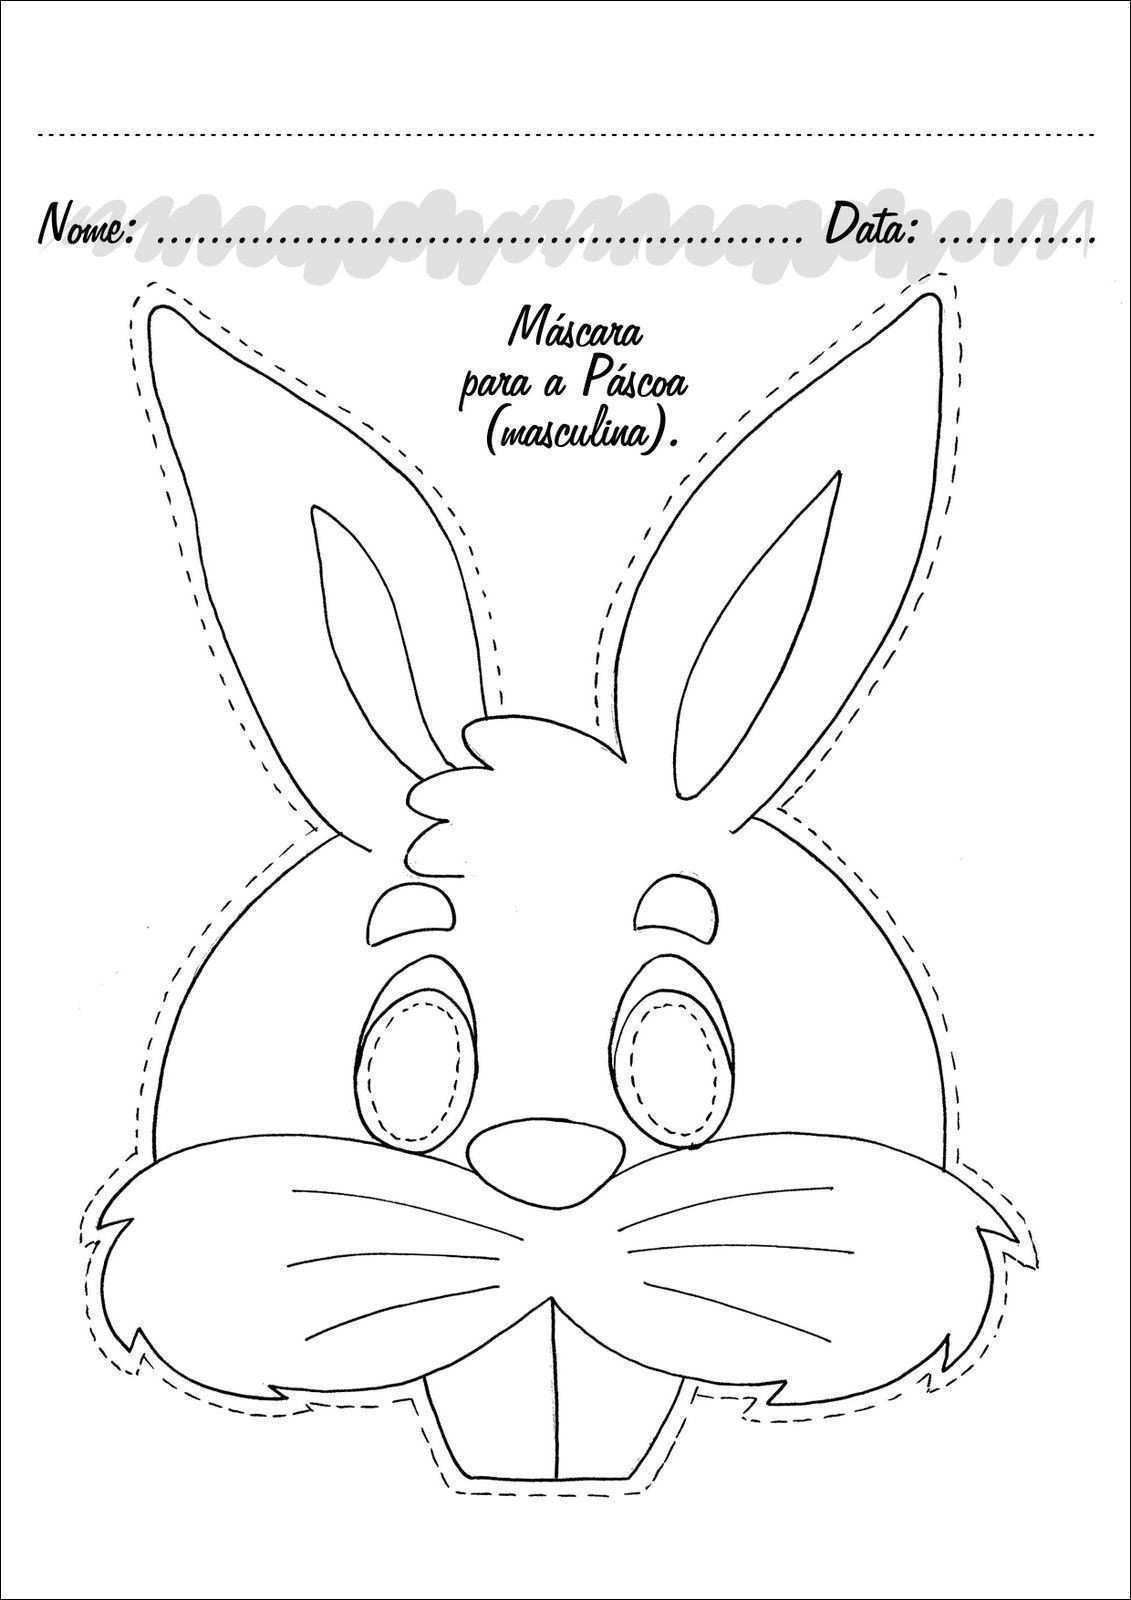 Ausmalbilder Bugs Bunny Einzigartig Malvorlagen Bugs Bunny Vorstellung 33 Kollekte Ausmalbilder Zum Fotos